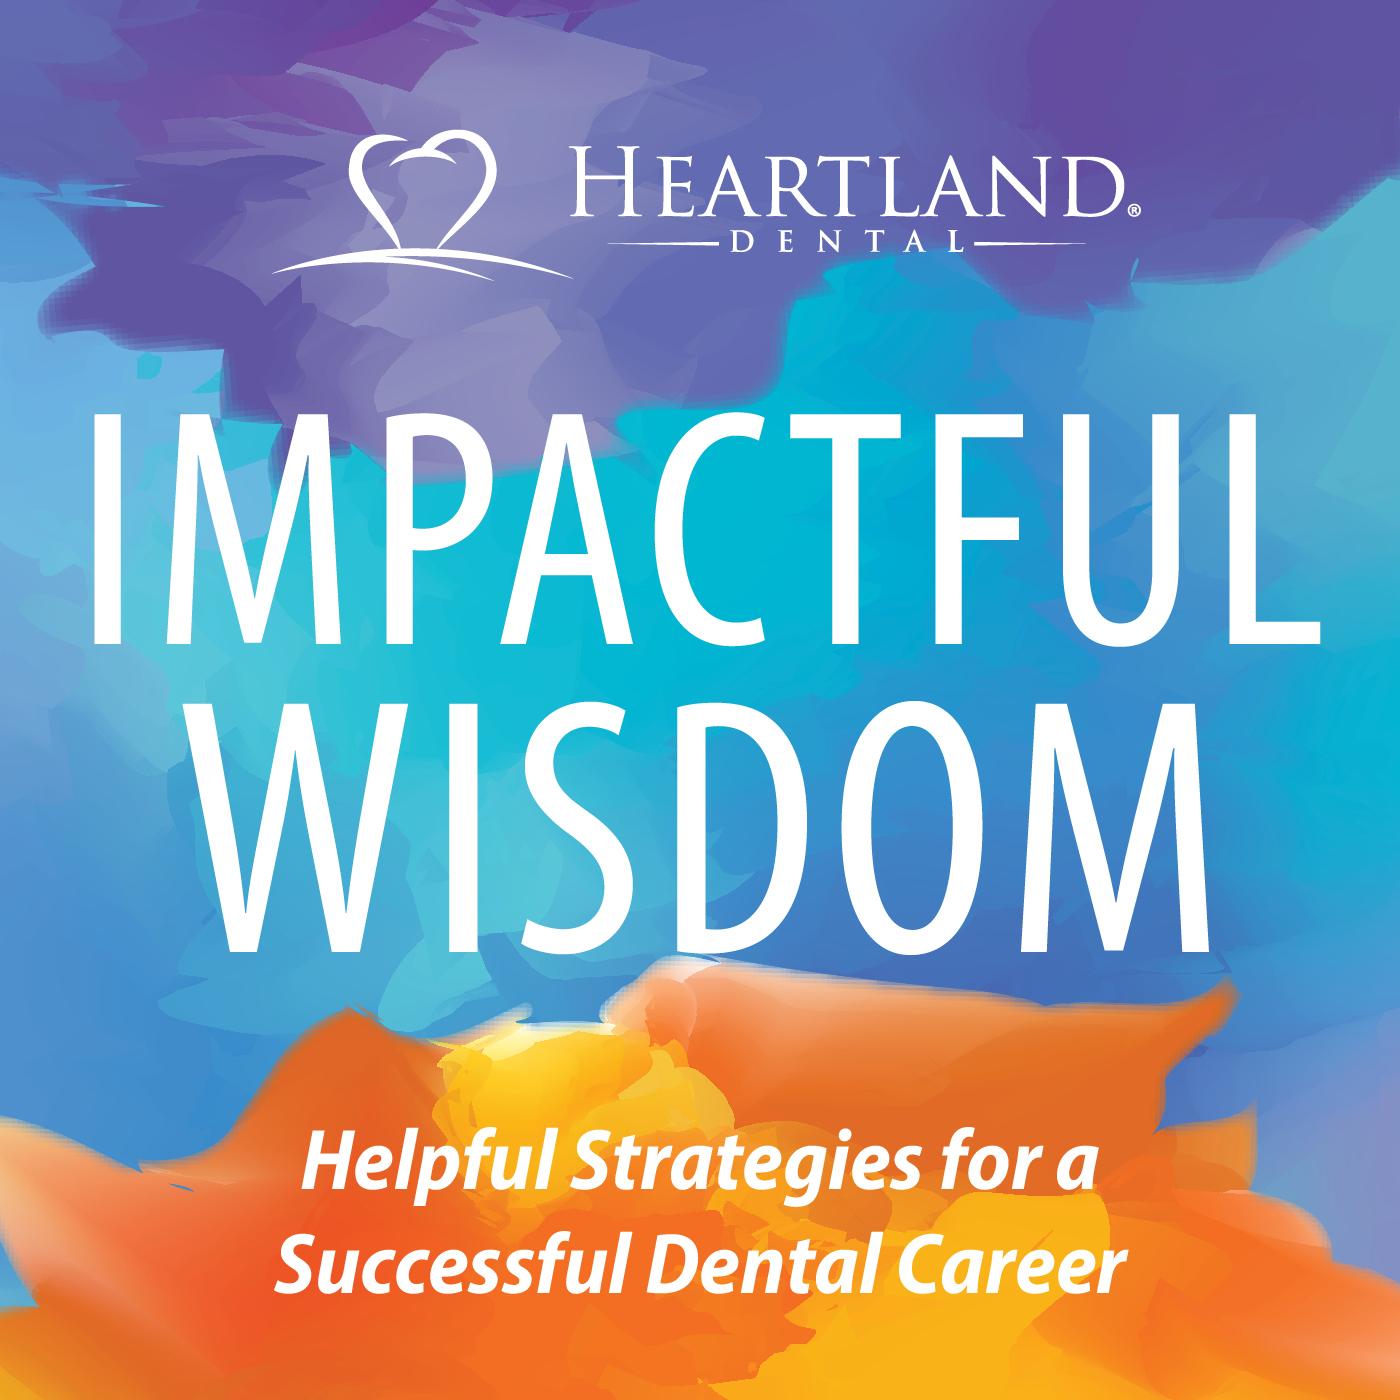 Impactful Wisdom podcast logo